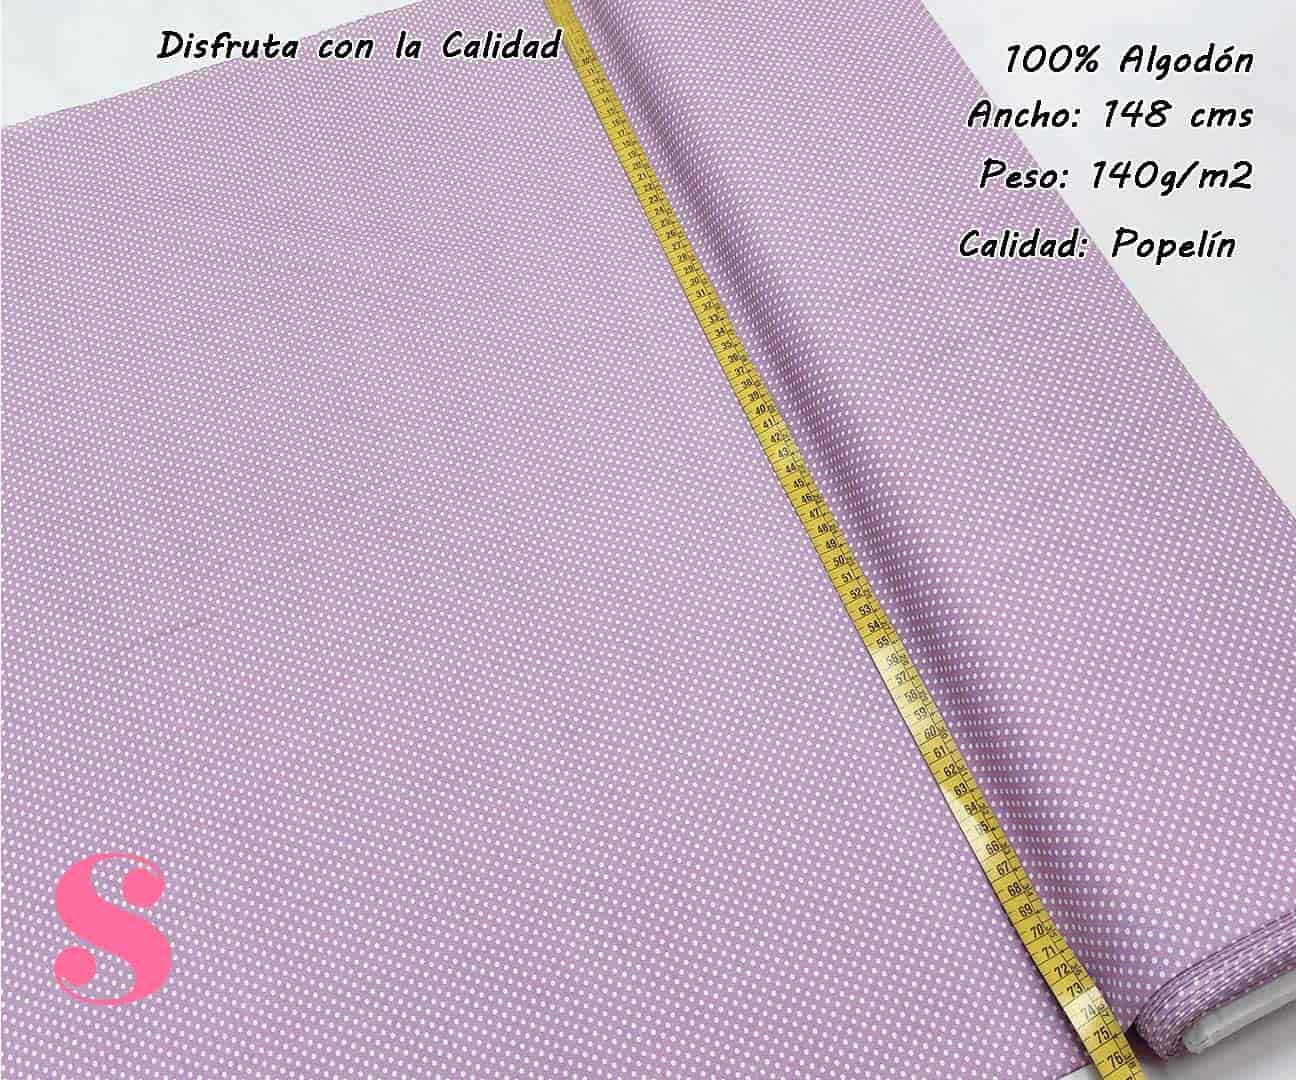 topos-algodon-estampado-naturales-geometricas-modernas-patchwork-para-vestidos-liberty,Tejido Algodón Estampado Topos Blancos Fondo Malva